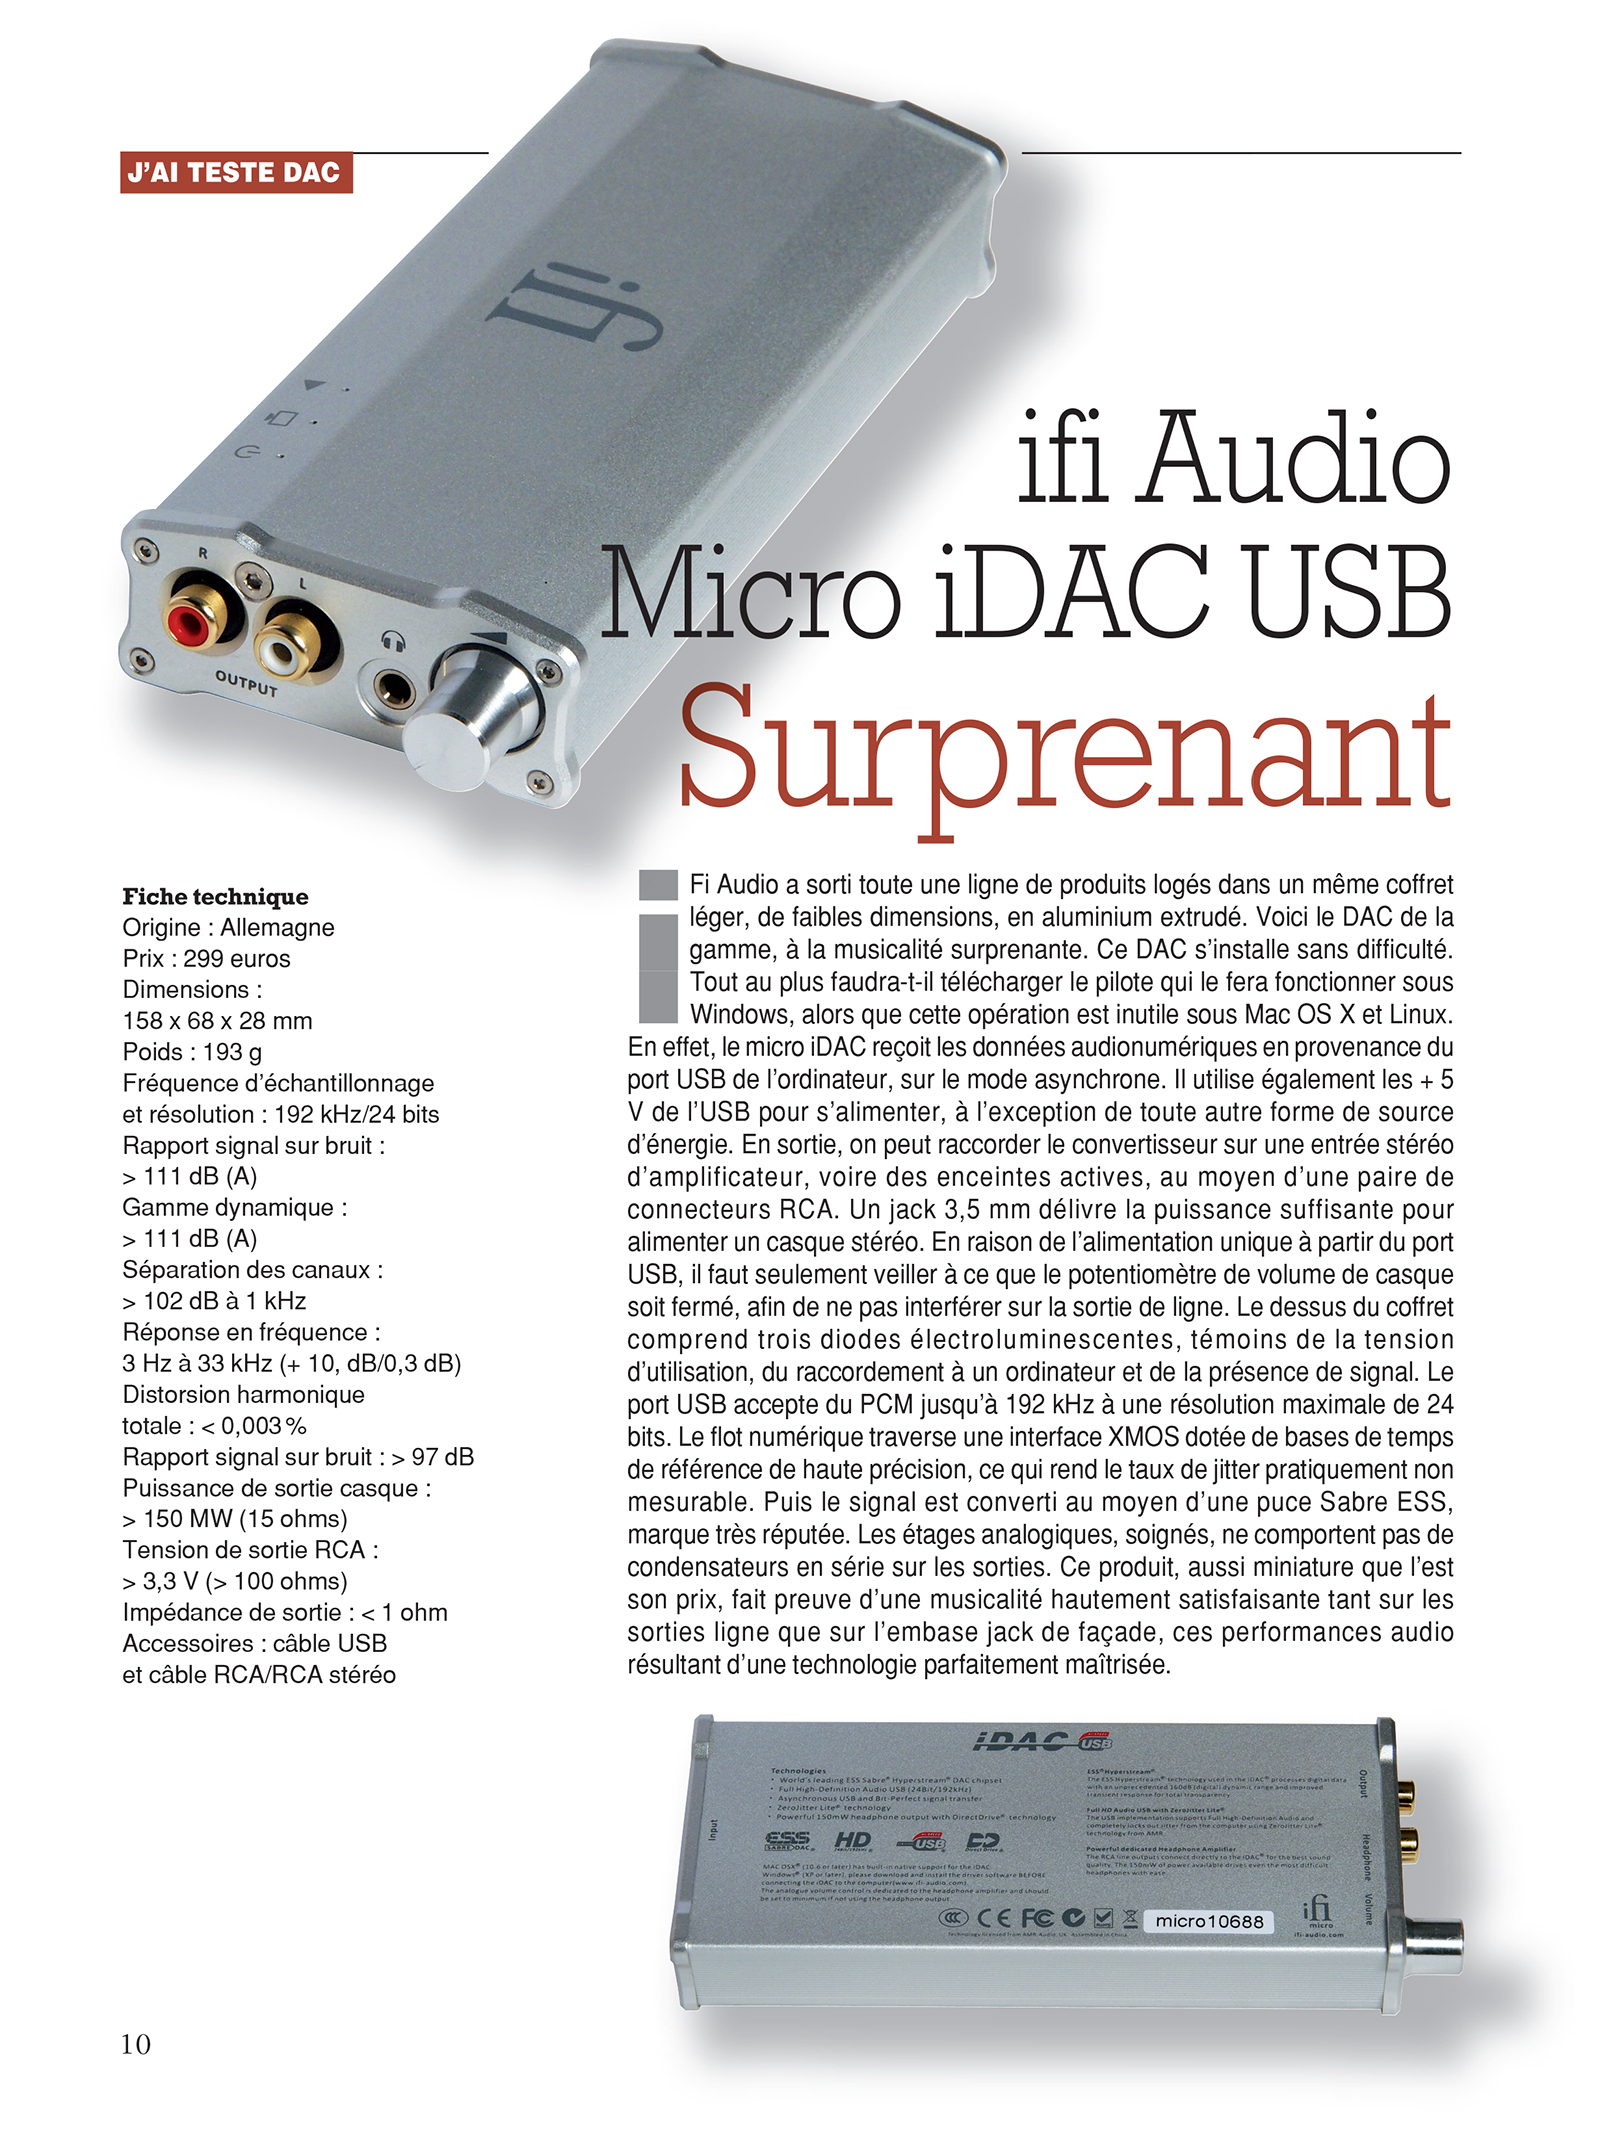 Micro iDAC: Surprising!